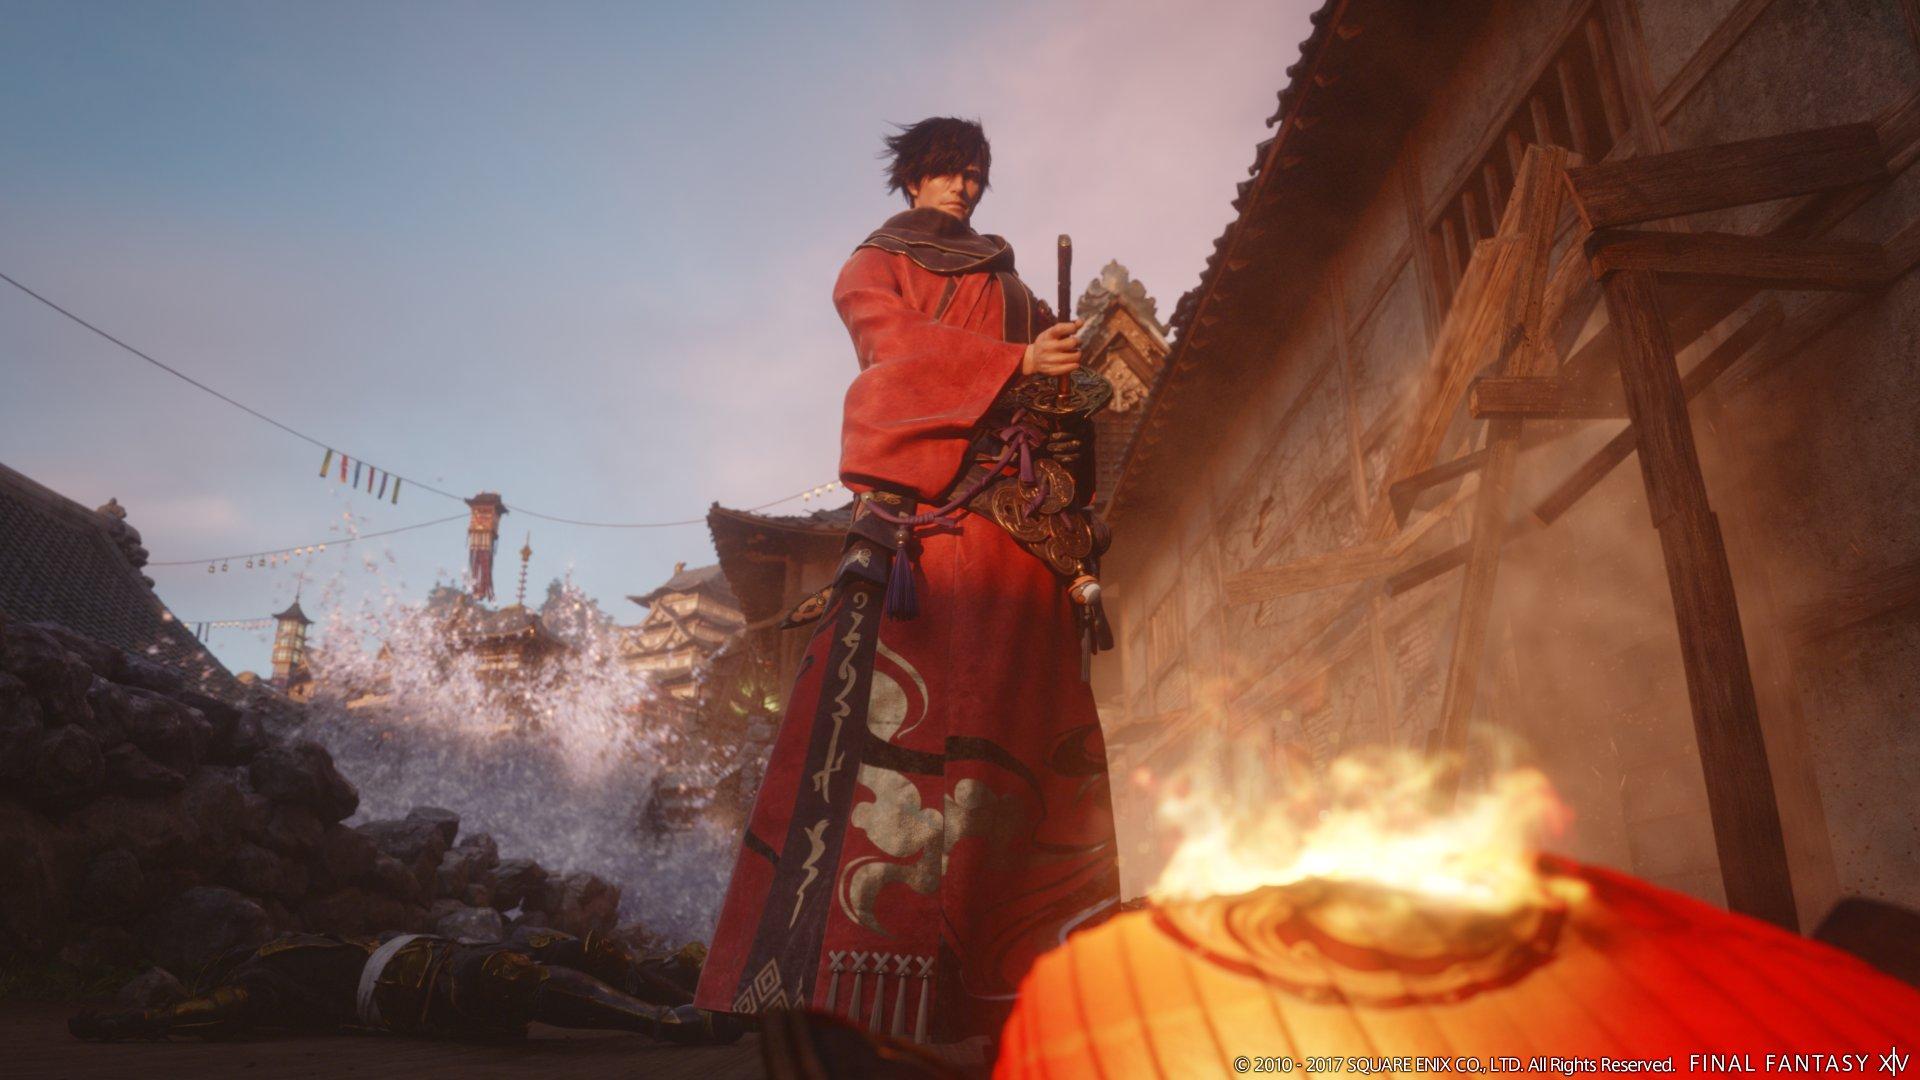 侍の格好で登場したプロデューサー兼ディレクターの吉田直樹氏。光の戦士の侍となかなかよく似ている!?